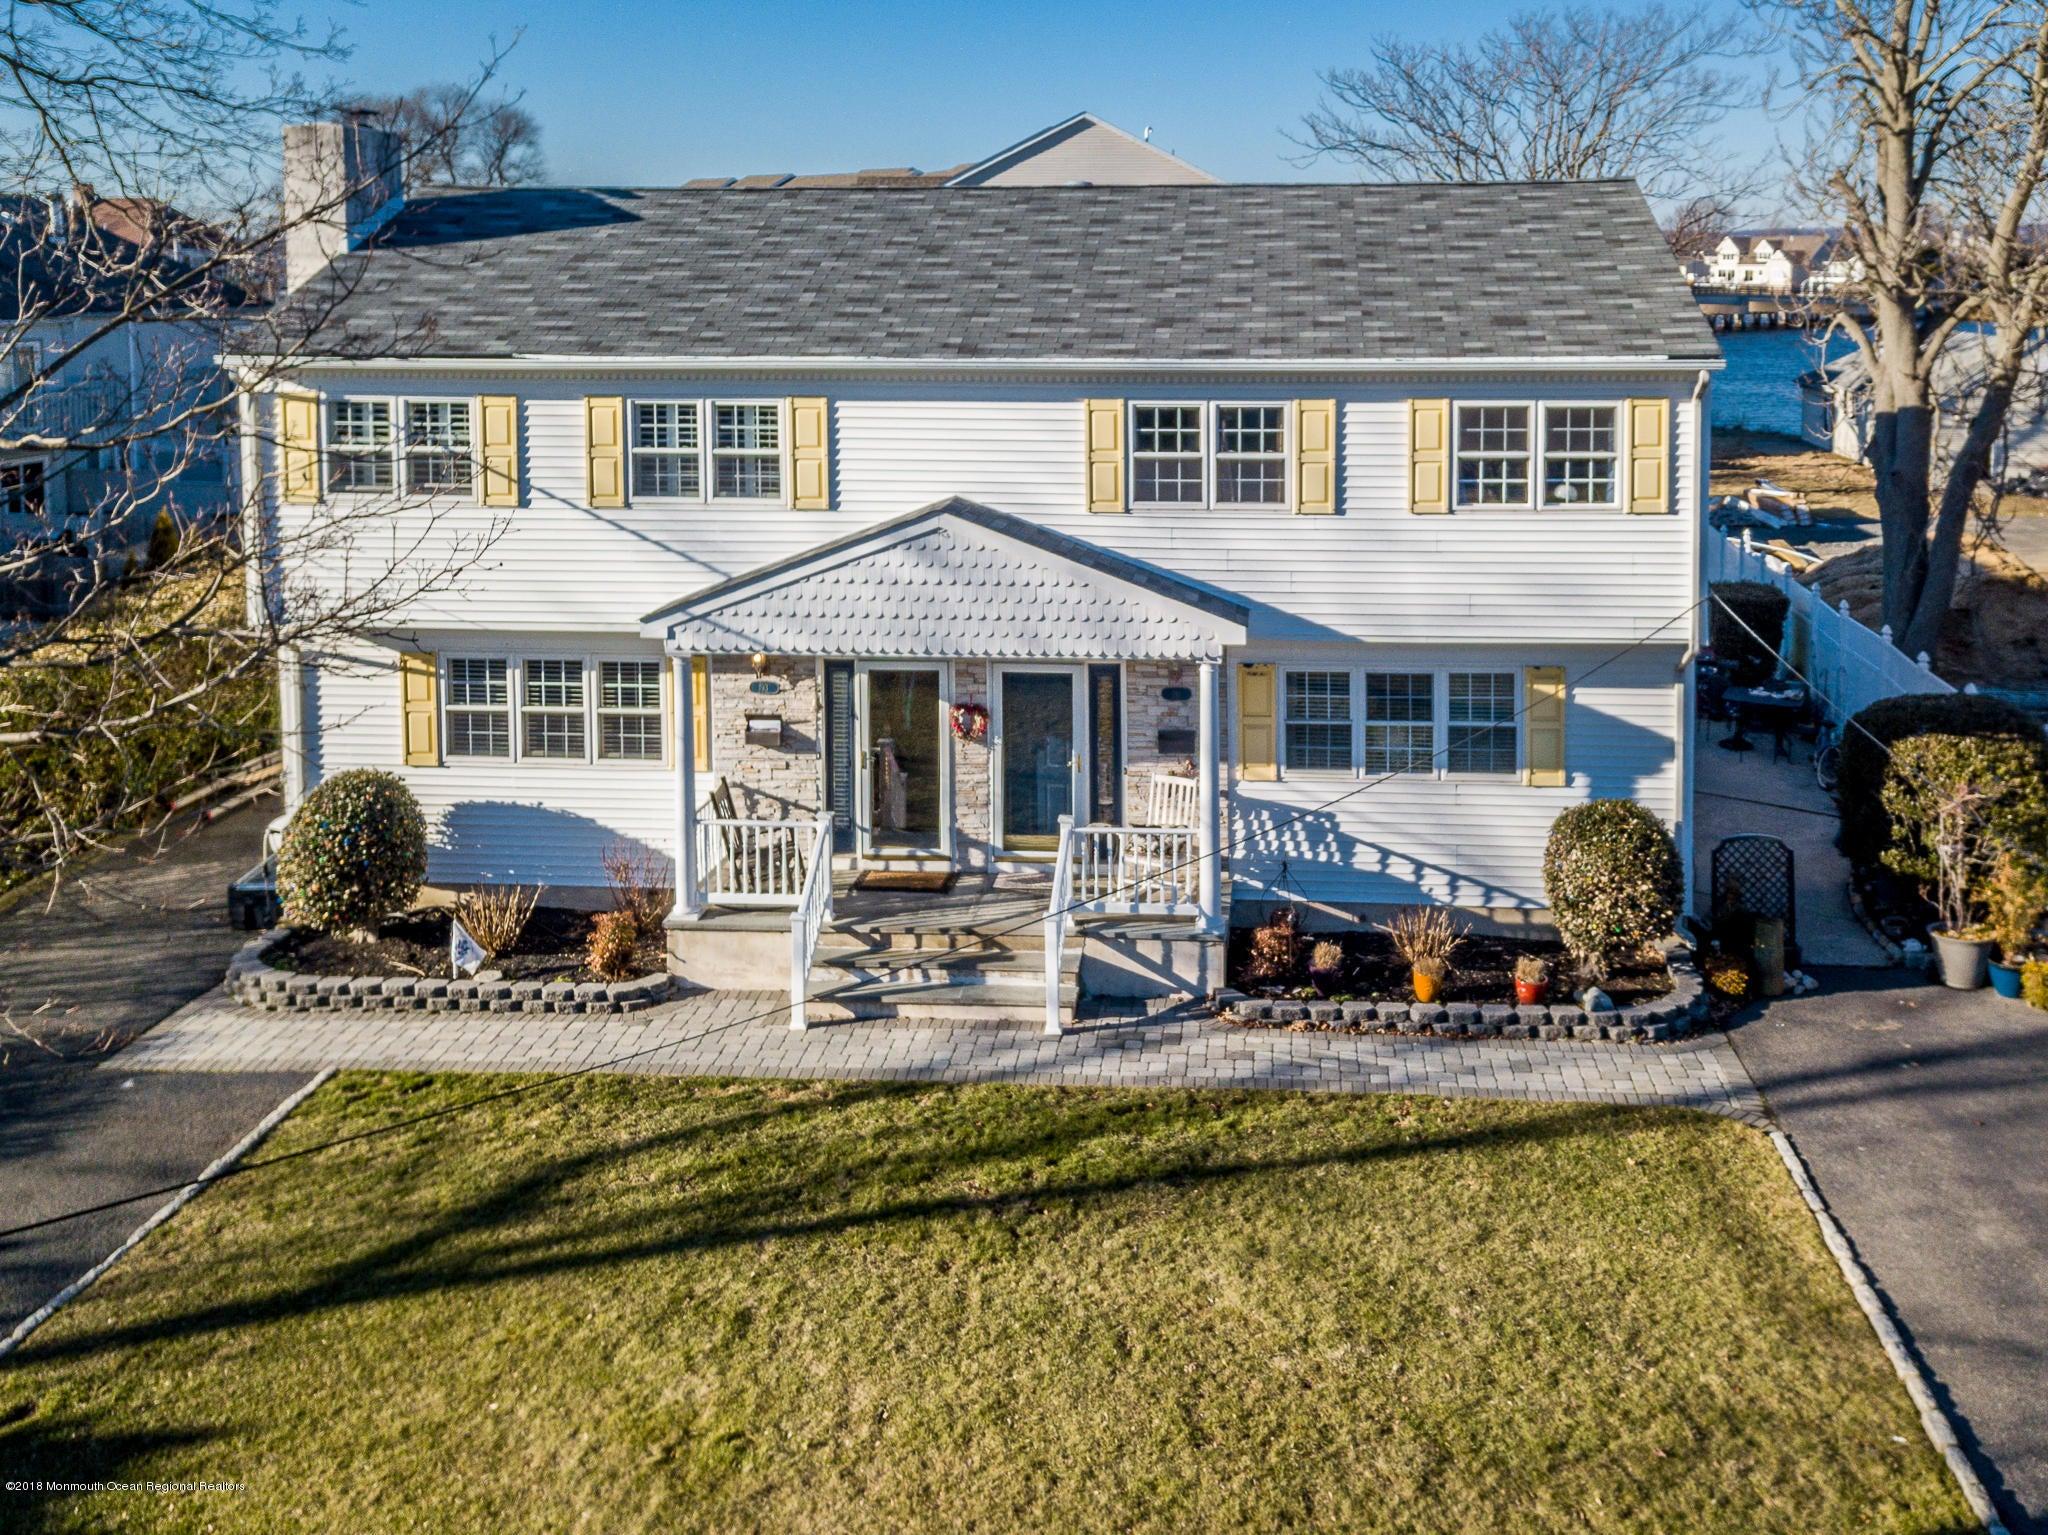 Maison multifamiliale pour l Vente à 191 Riddle Avenue 191 Riddle Avenue Long Branch, New Jersey 07740 États-Unis